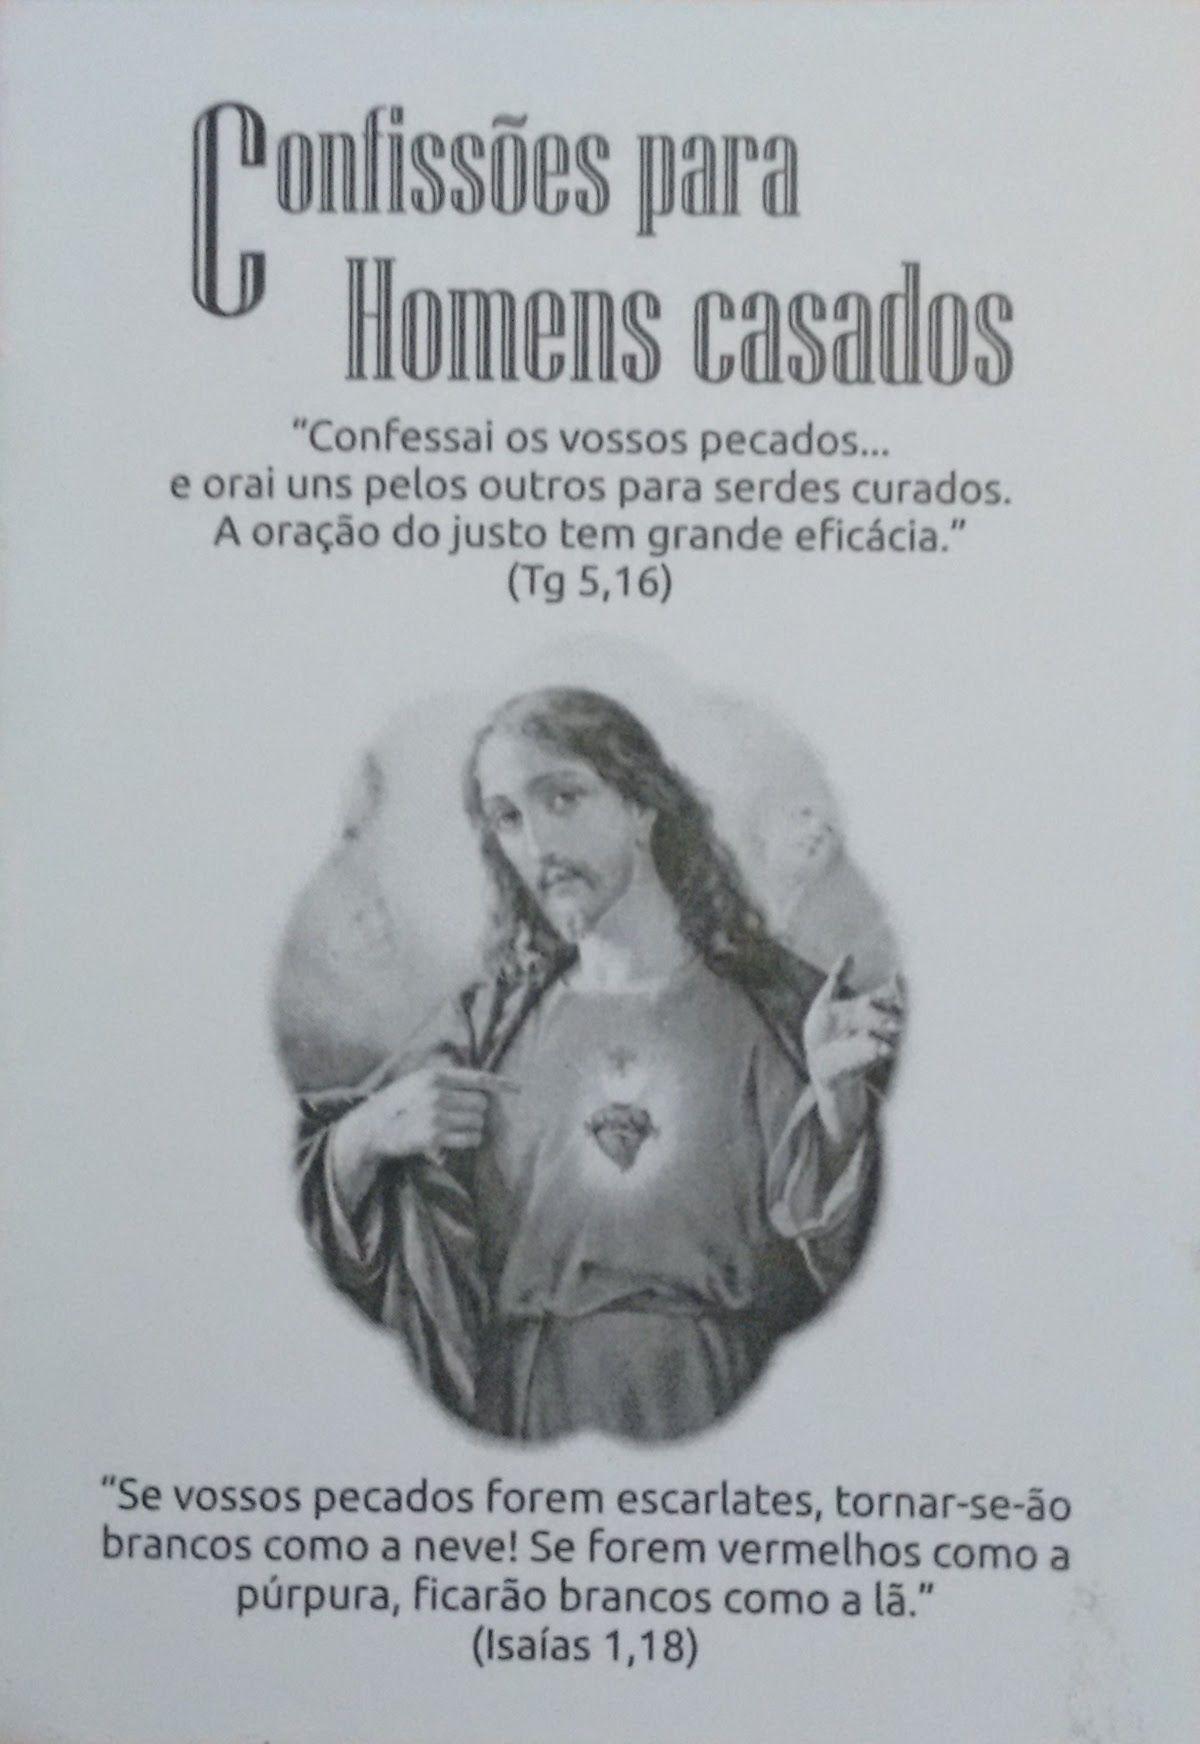 Confissões para Homens Casados  - Livraria Santa Cruz